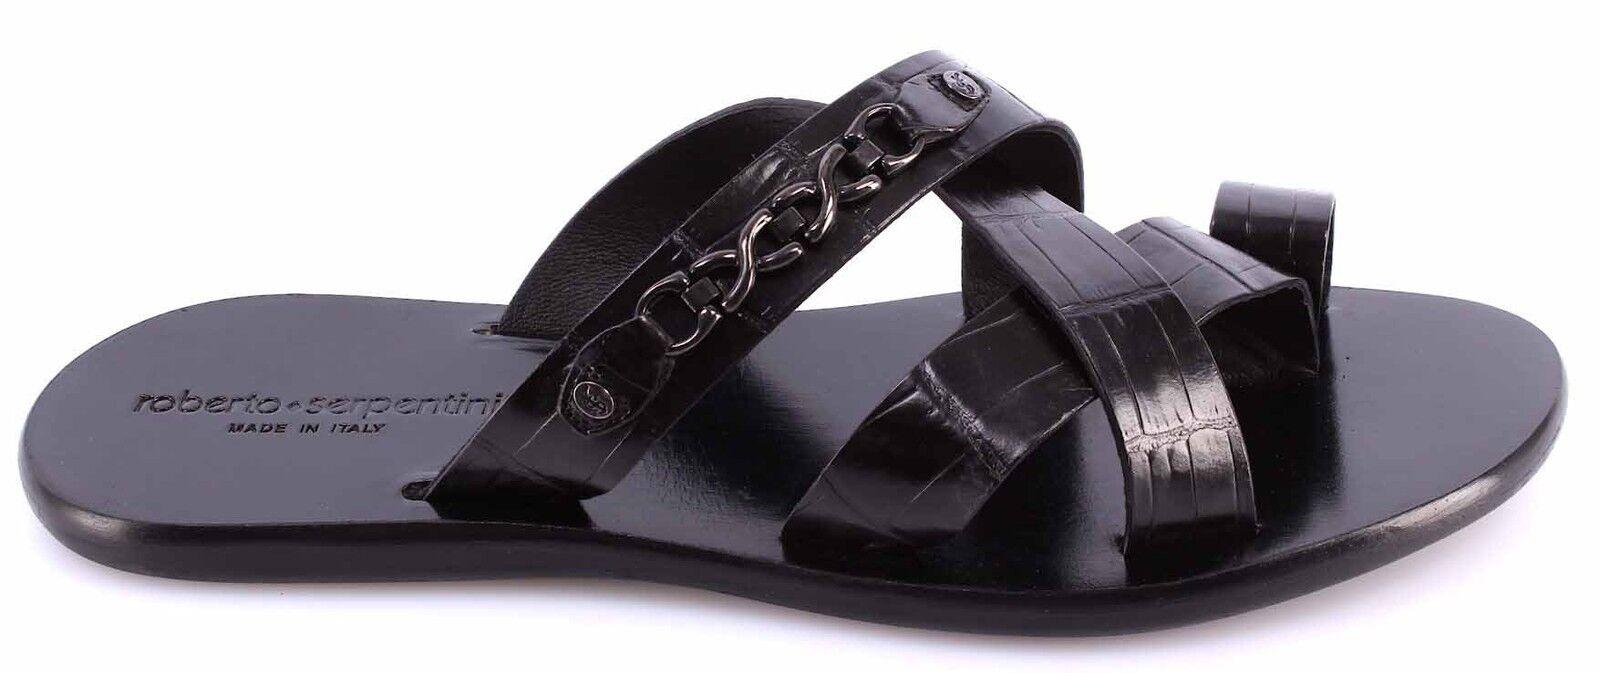 Zapatos de mujer baratos zapatos de mujer Sandalias Hombre 24 HORAS 10173, Color Marrón